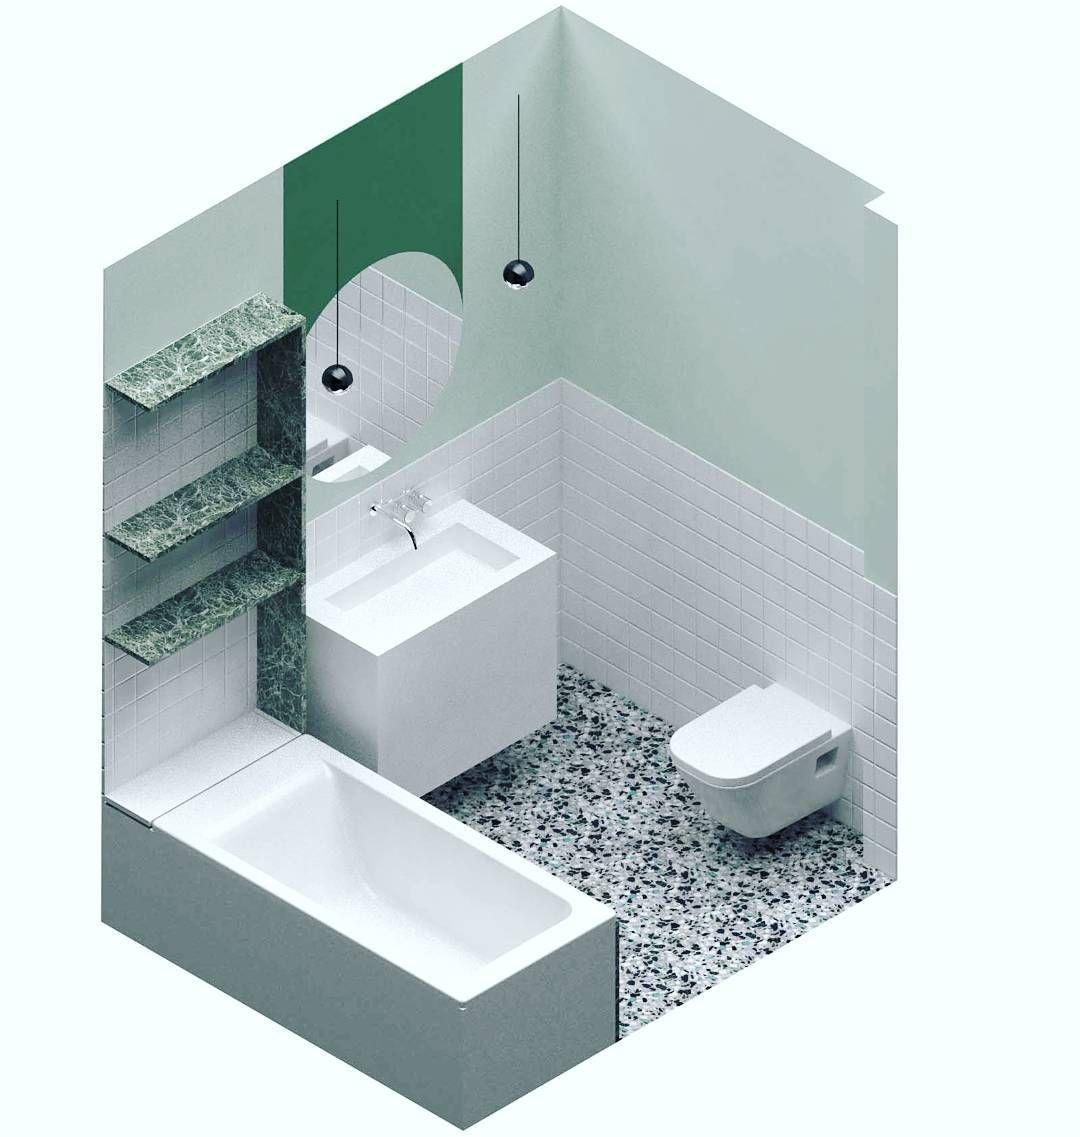 Reforma CBR. Madrid. Materiales. #baño #toilet #axo #suelo #terrazo ...